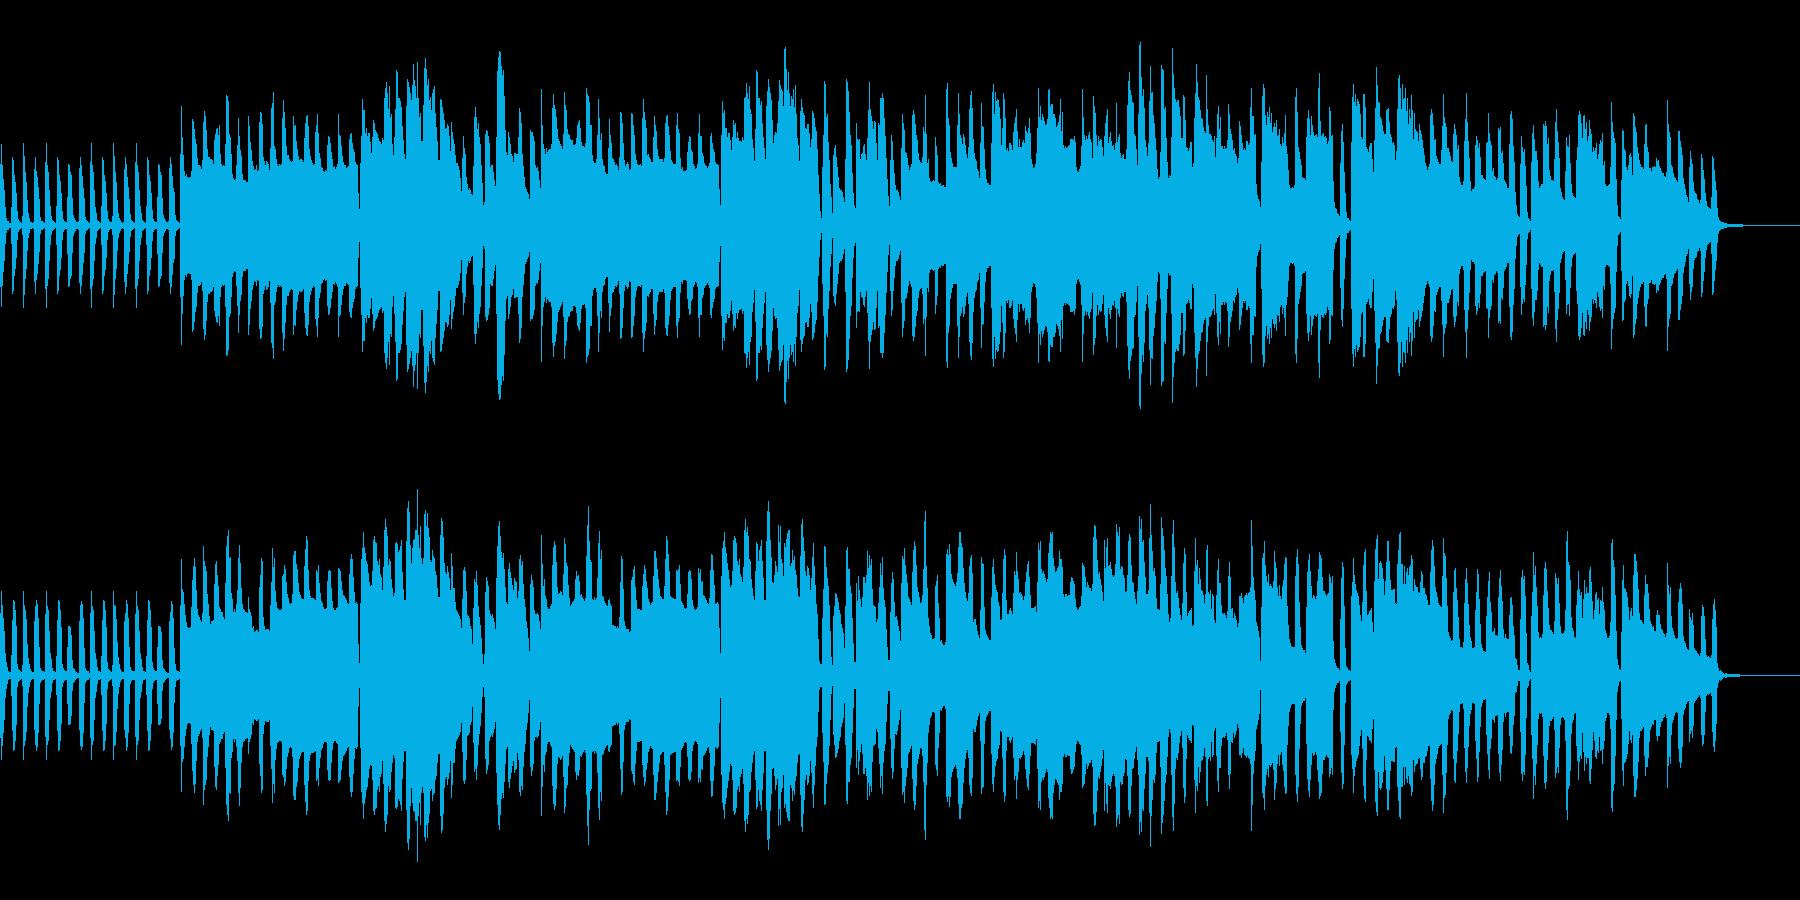 木管楽器メインの日常系BGMの再生済みの波形